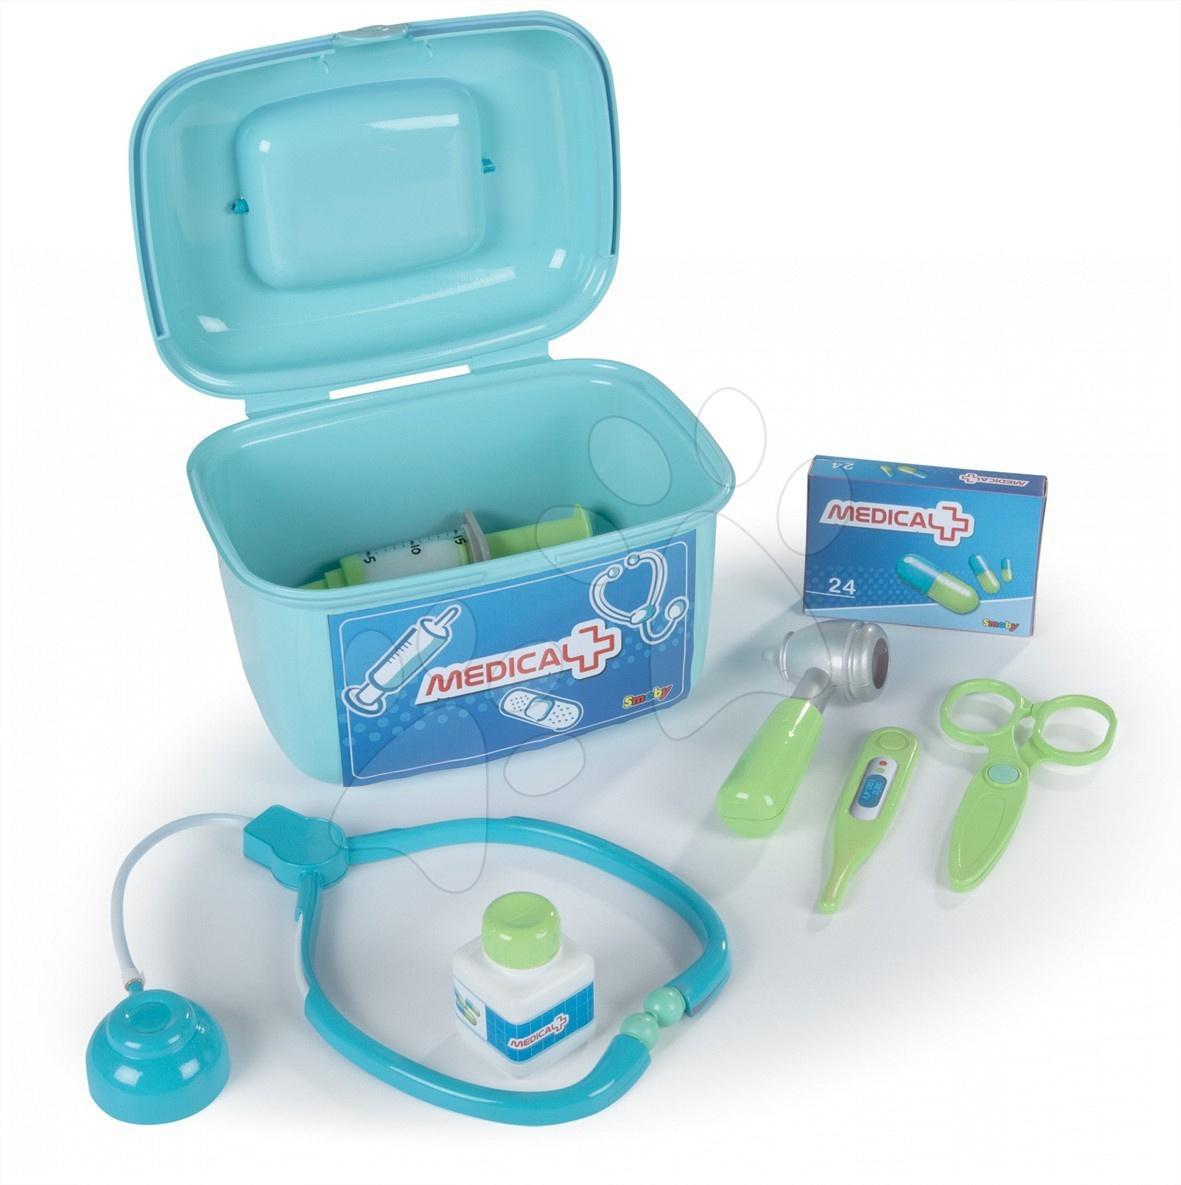 Trusă medicală Smoby pentru un medic mic cu 7 accesorii